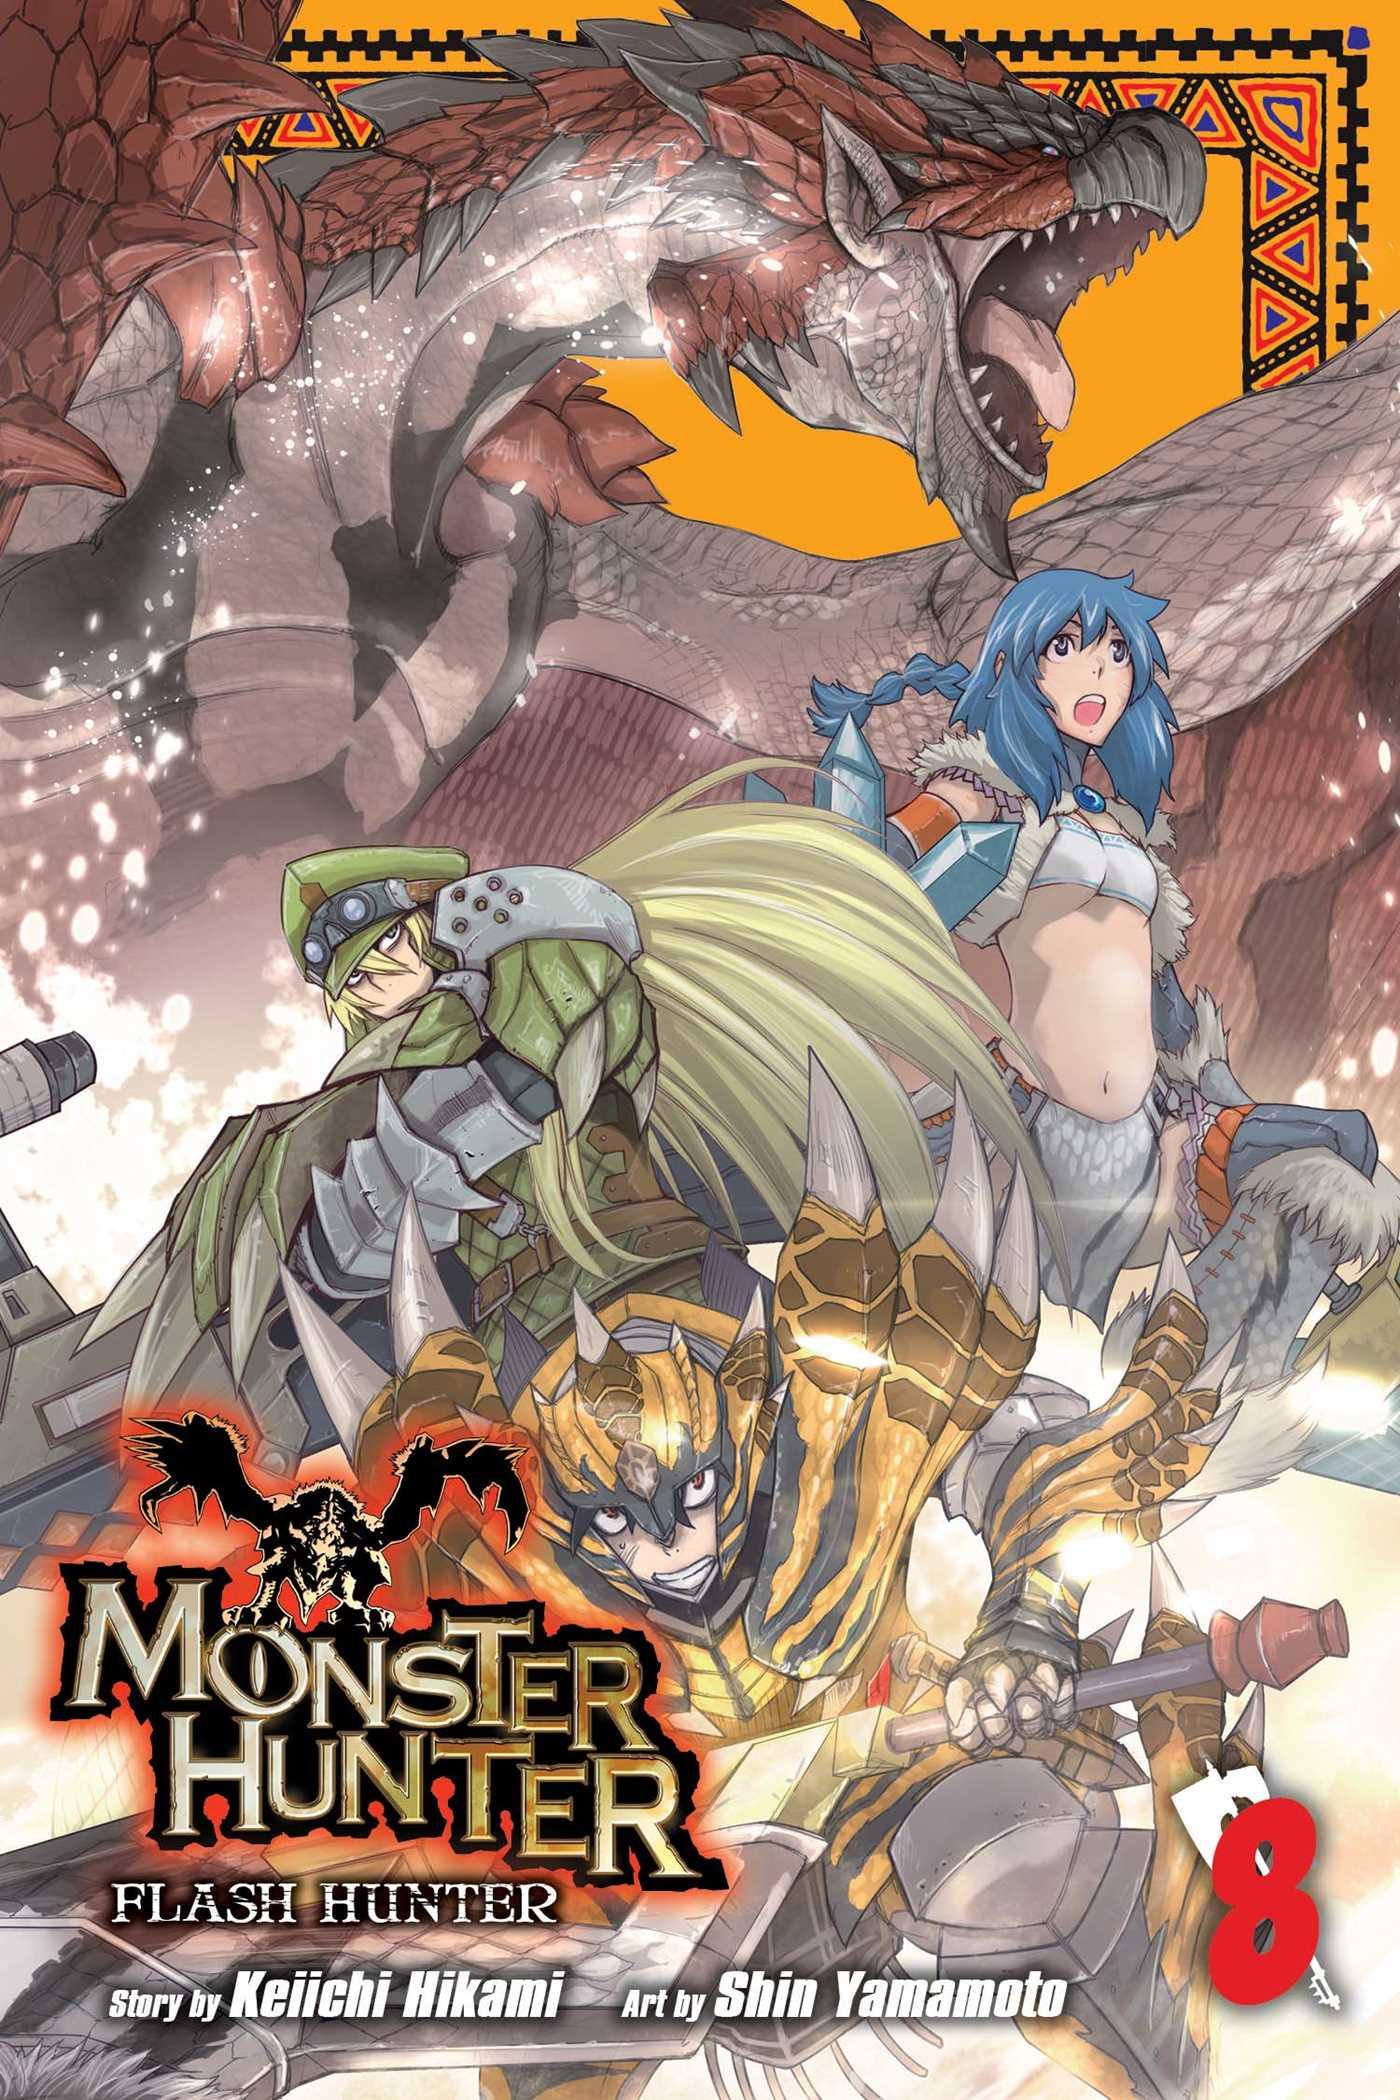 Monster hunter flash hunter vol 8 9781421584331 hr